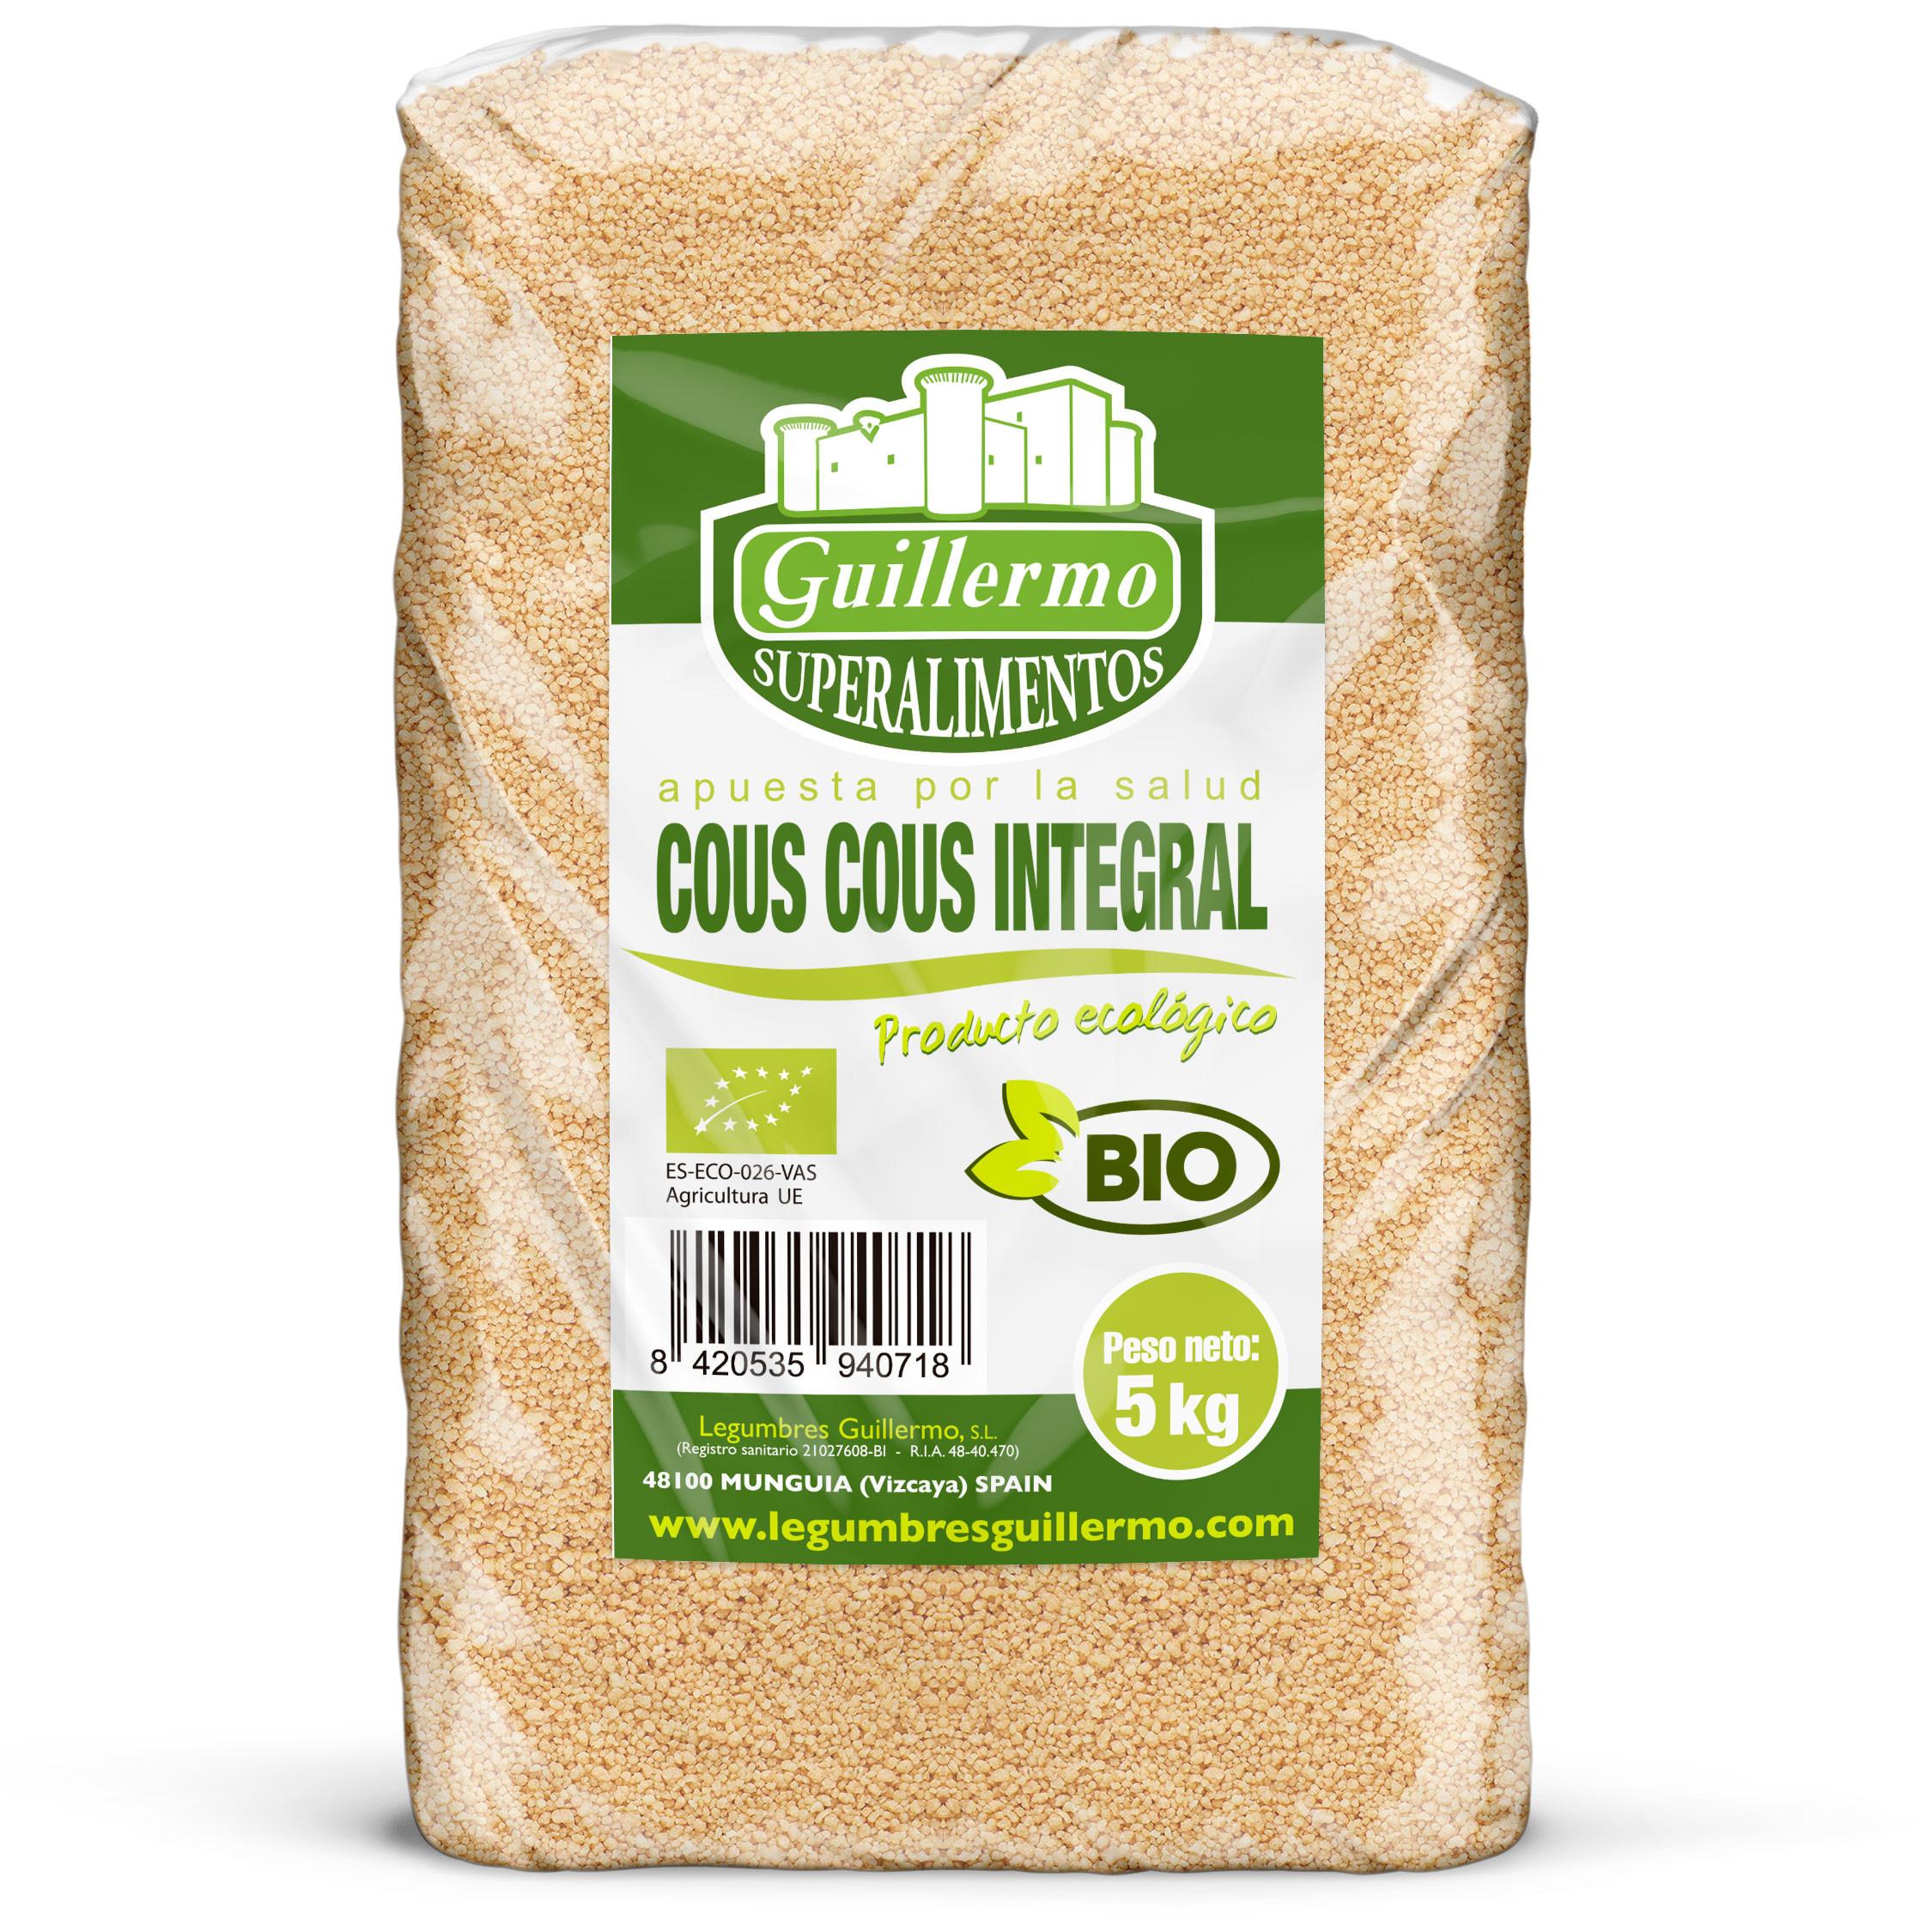 Guillermo Horeca Cuscus Integral Trigo Blanco Cous Cous Ecológico BIO Granel 100% Natural 5kg